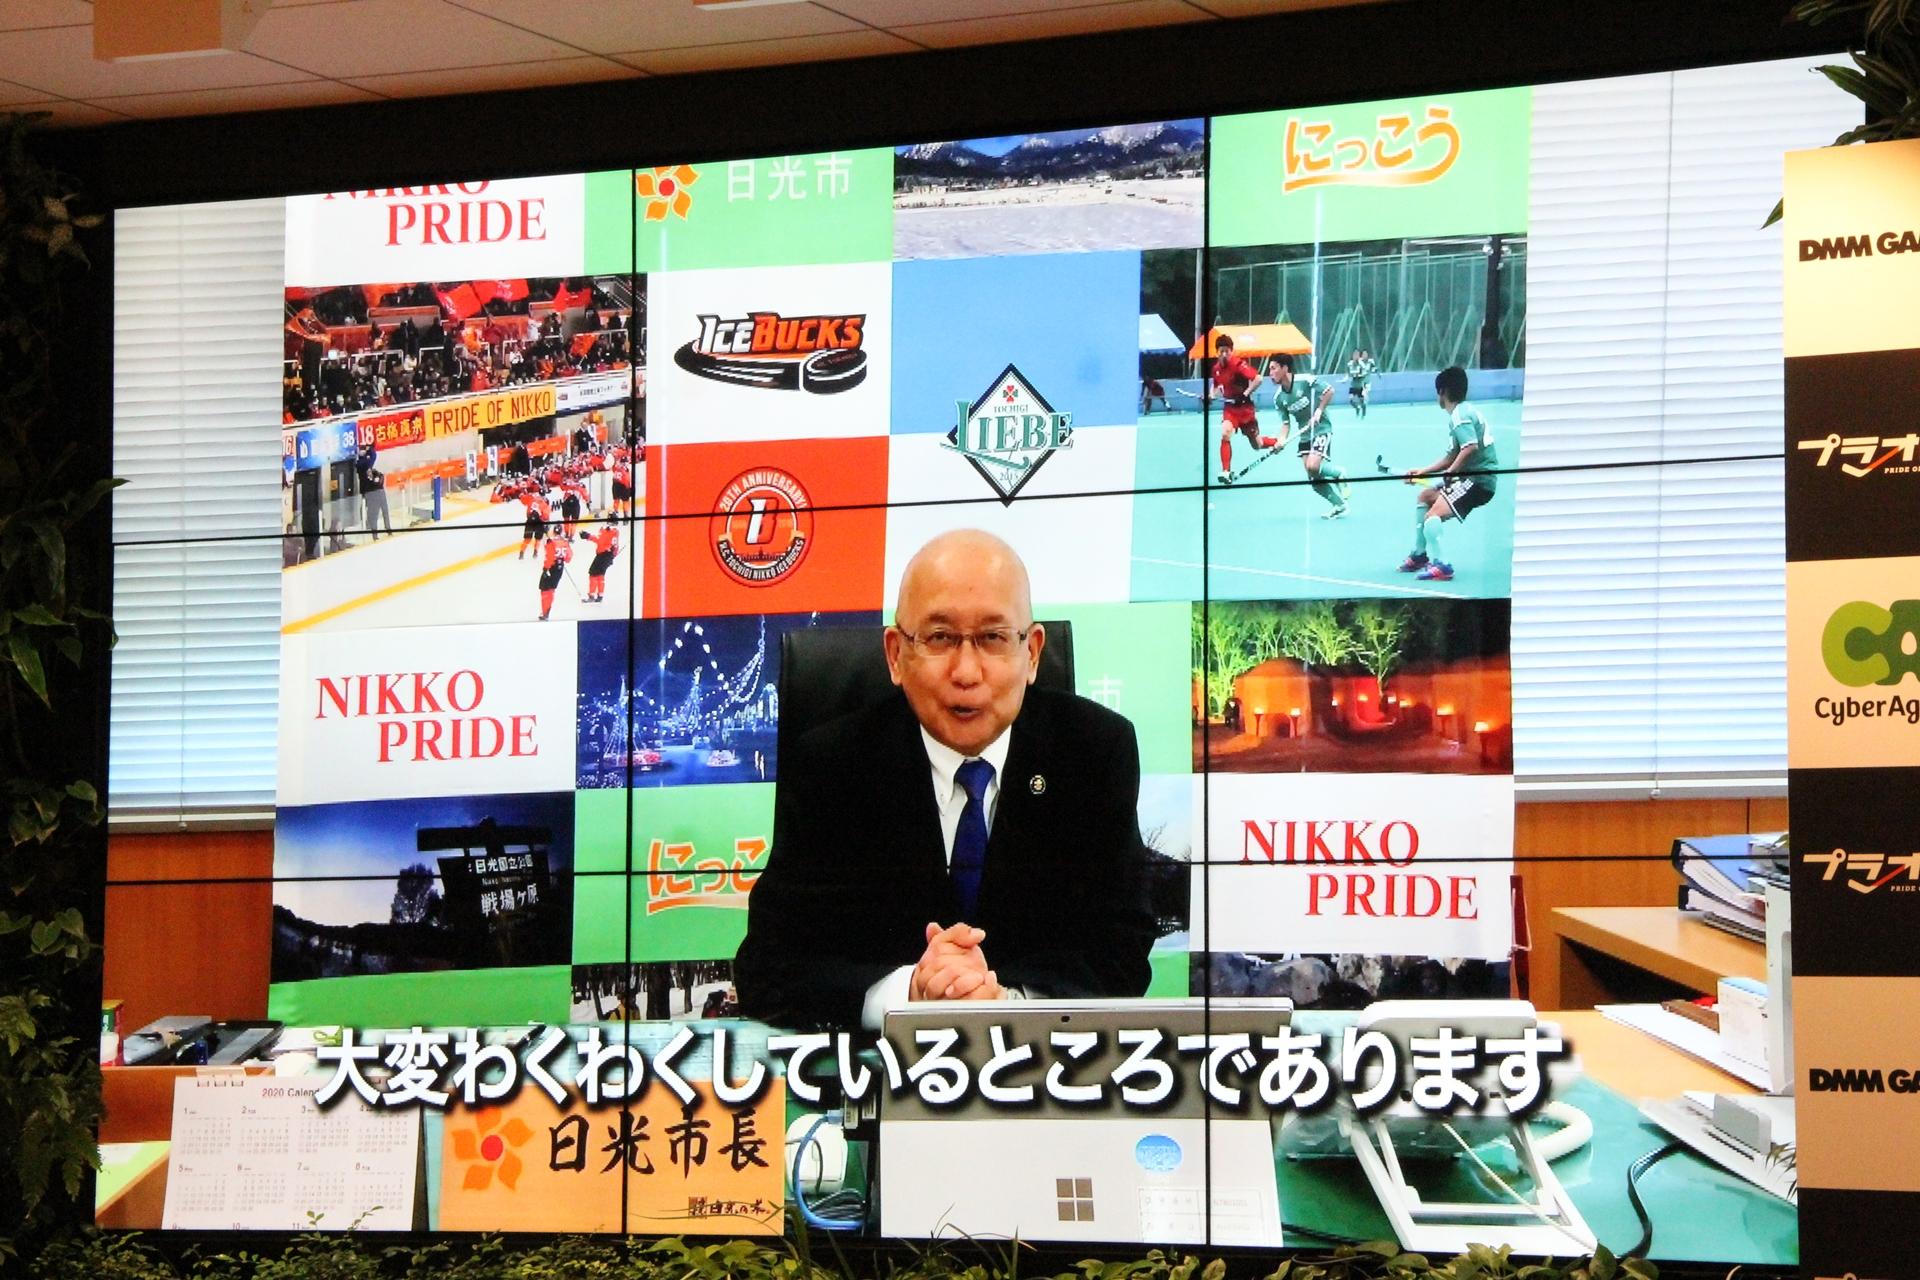 日光市長 大嶋一生氏も応援のビデオメッセージを寄せていた